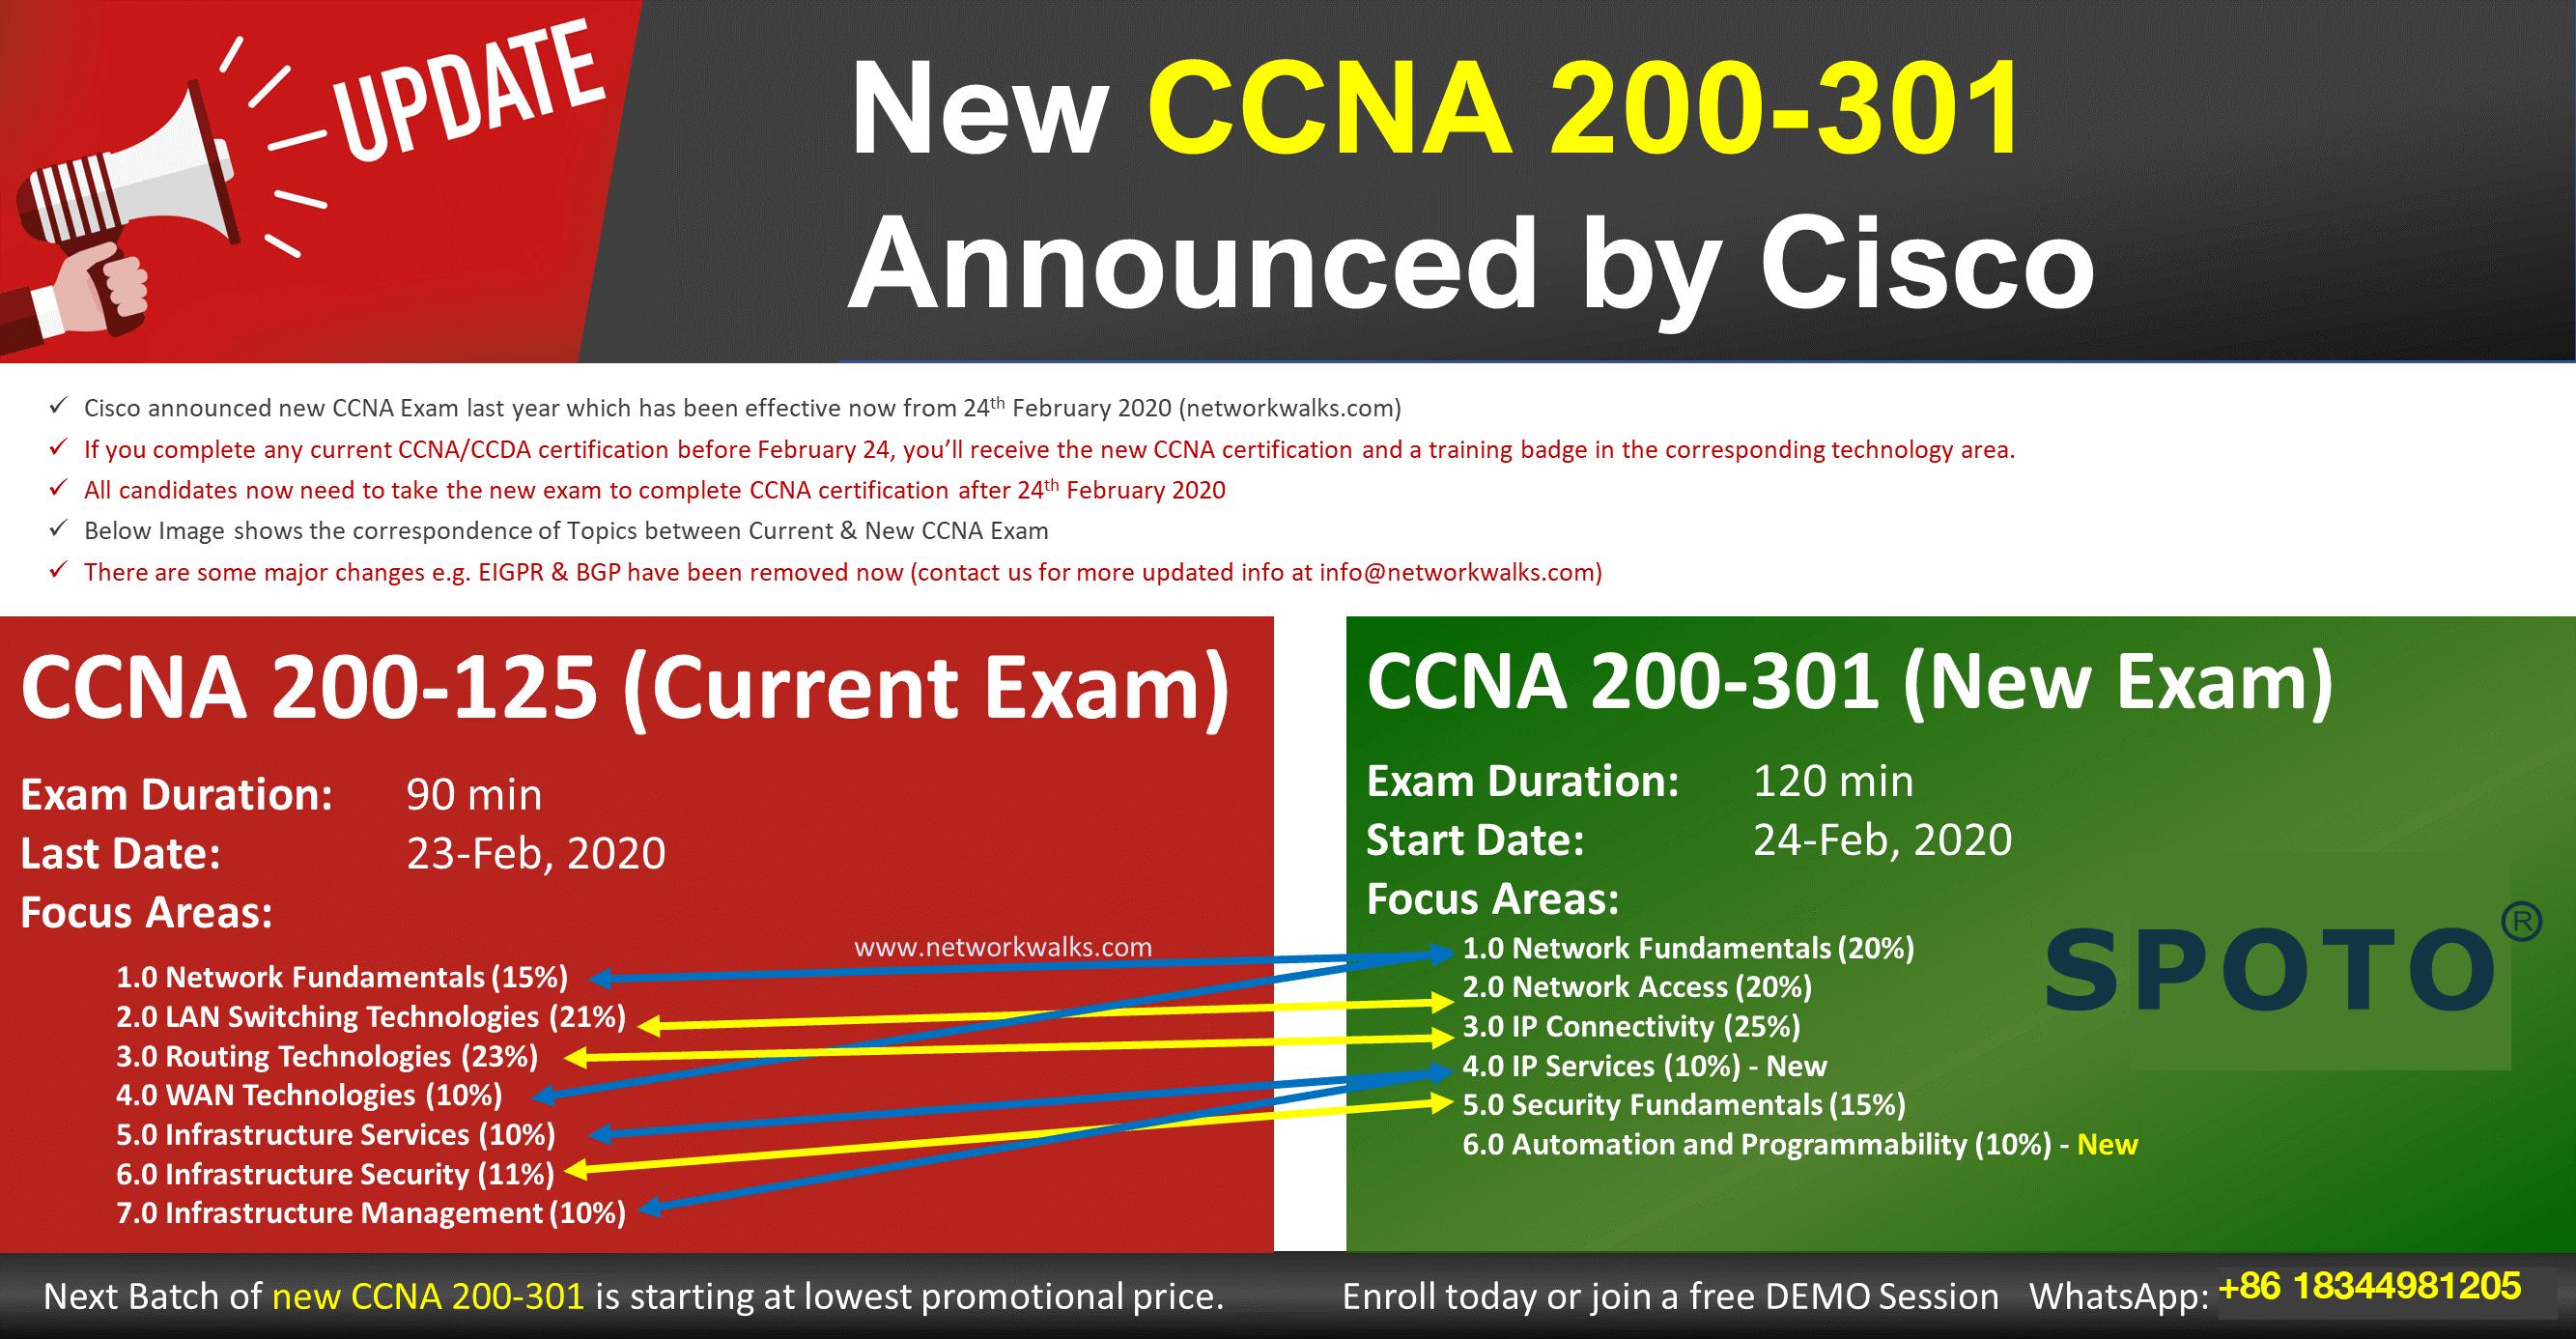 New CCNA 200-301 exam